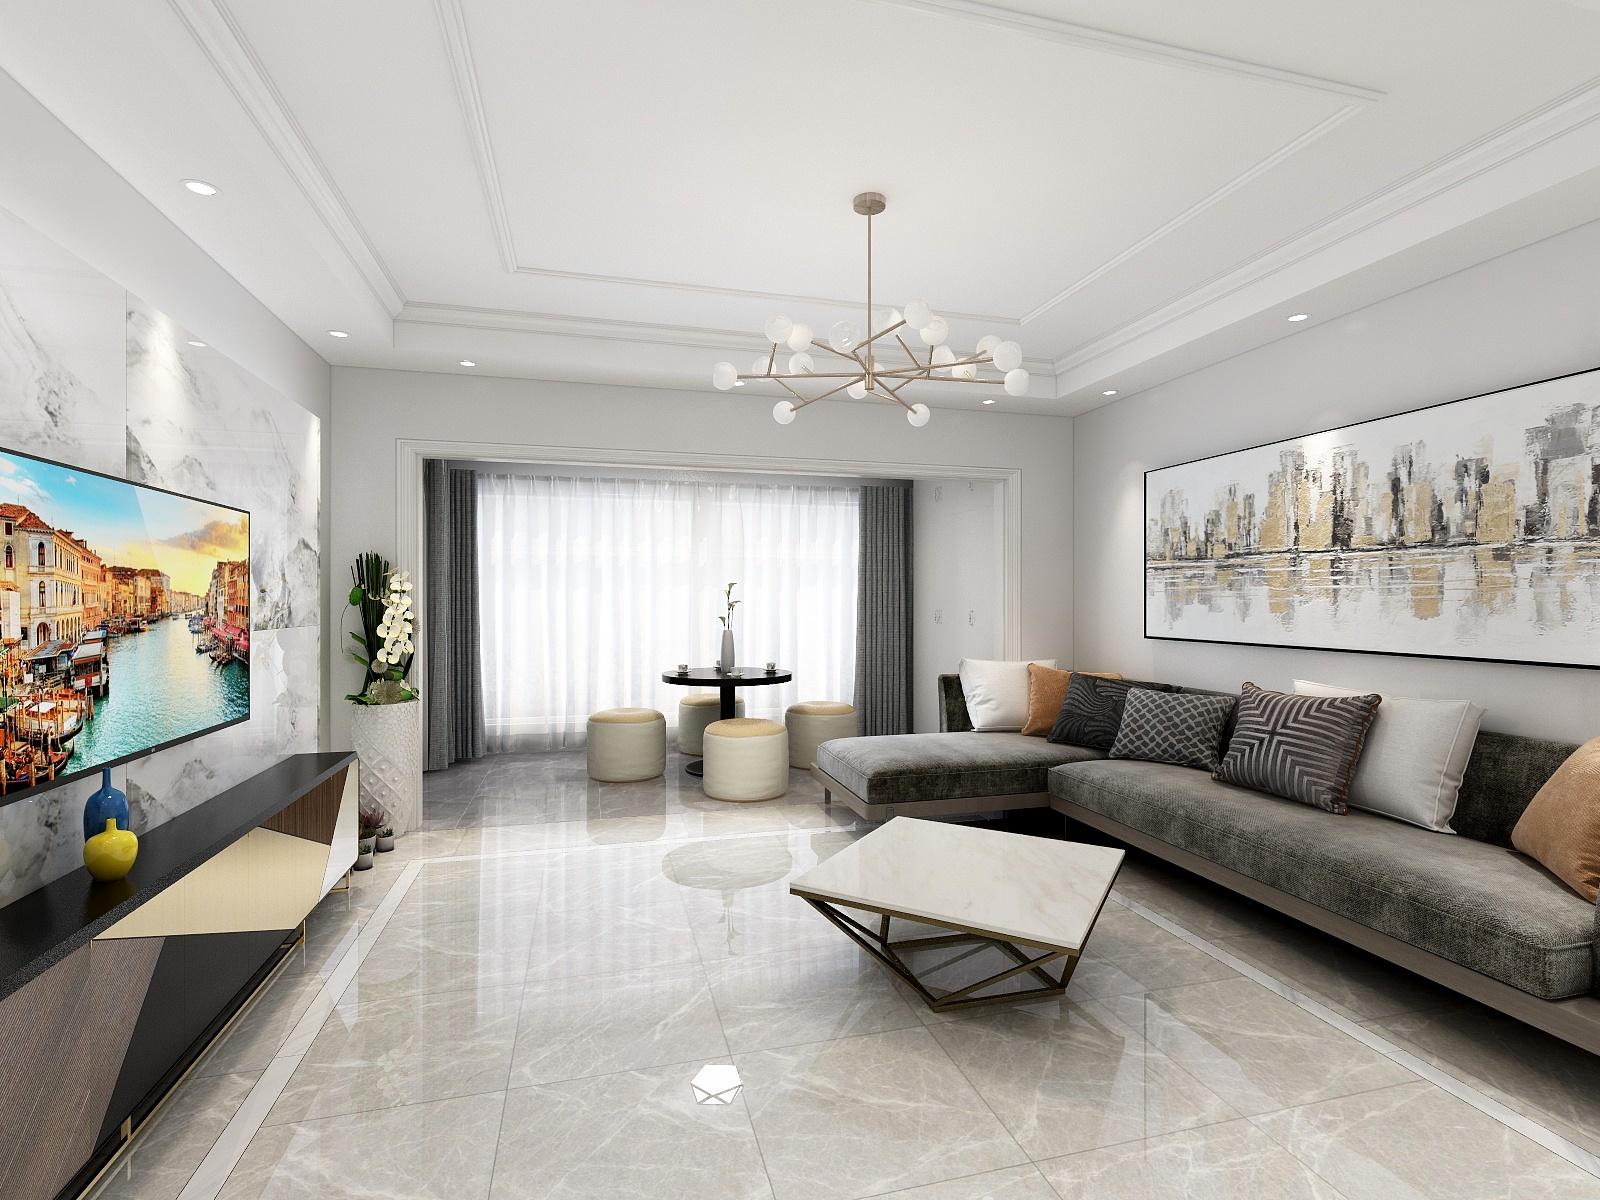 幸福家园现代风格案例